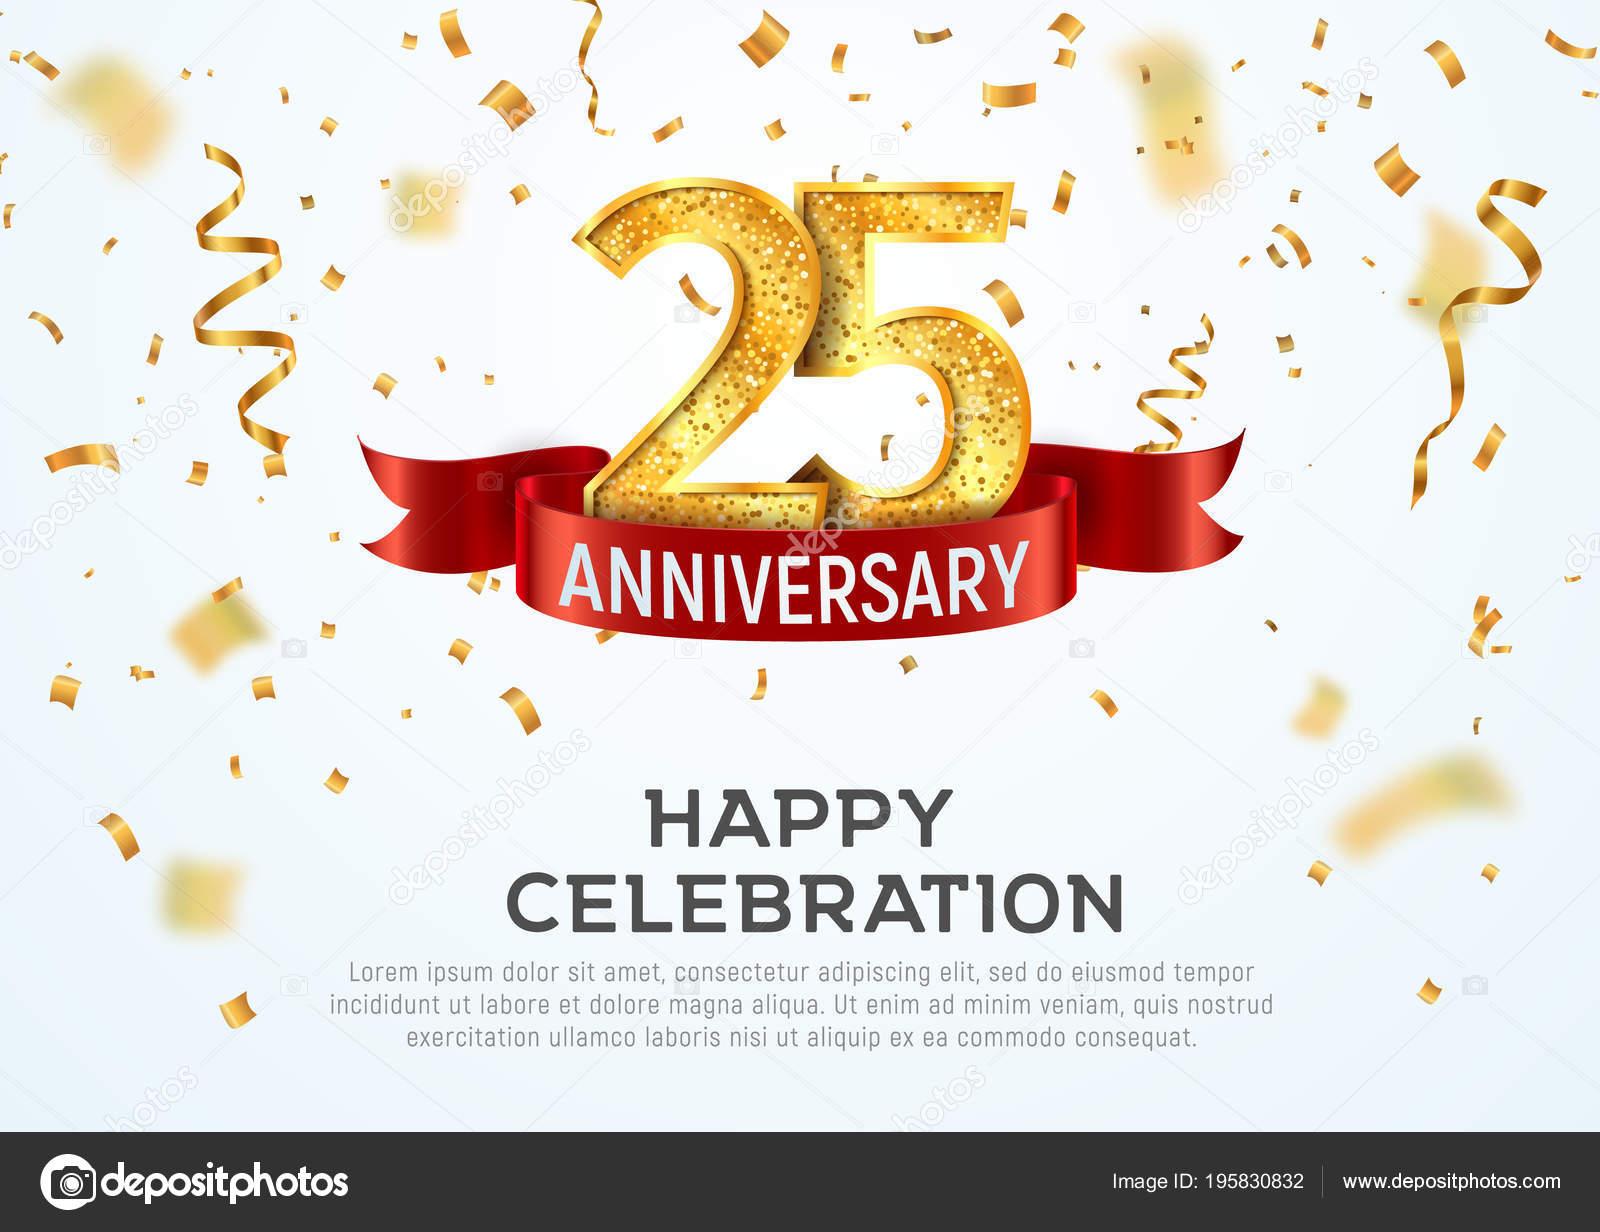 Bedwelming sjabloon voor 25 jaar verjaardag vector spandoek. Vijfentwintig #UI45